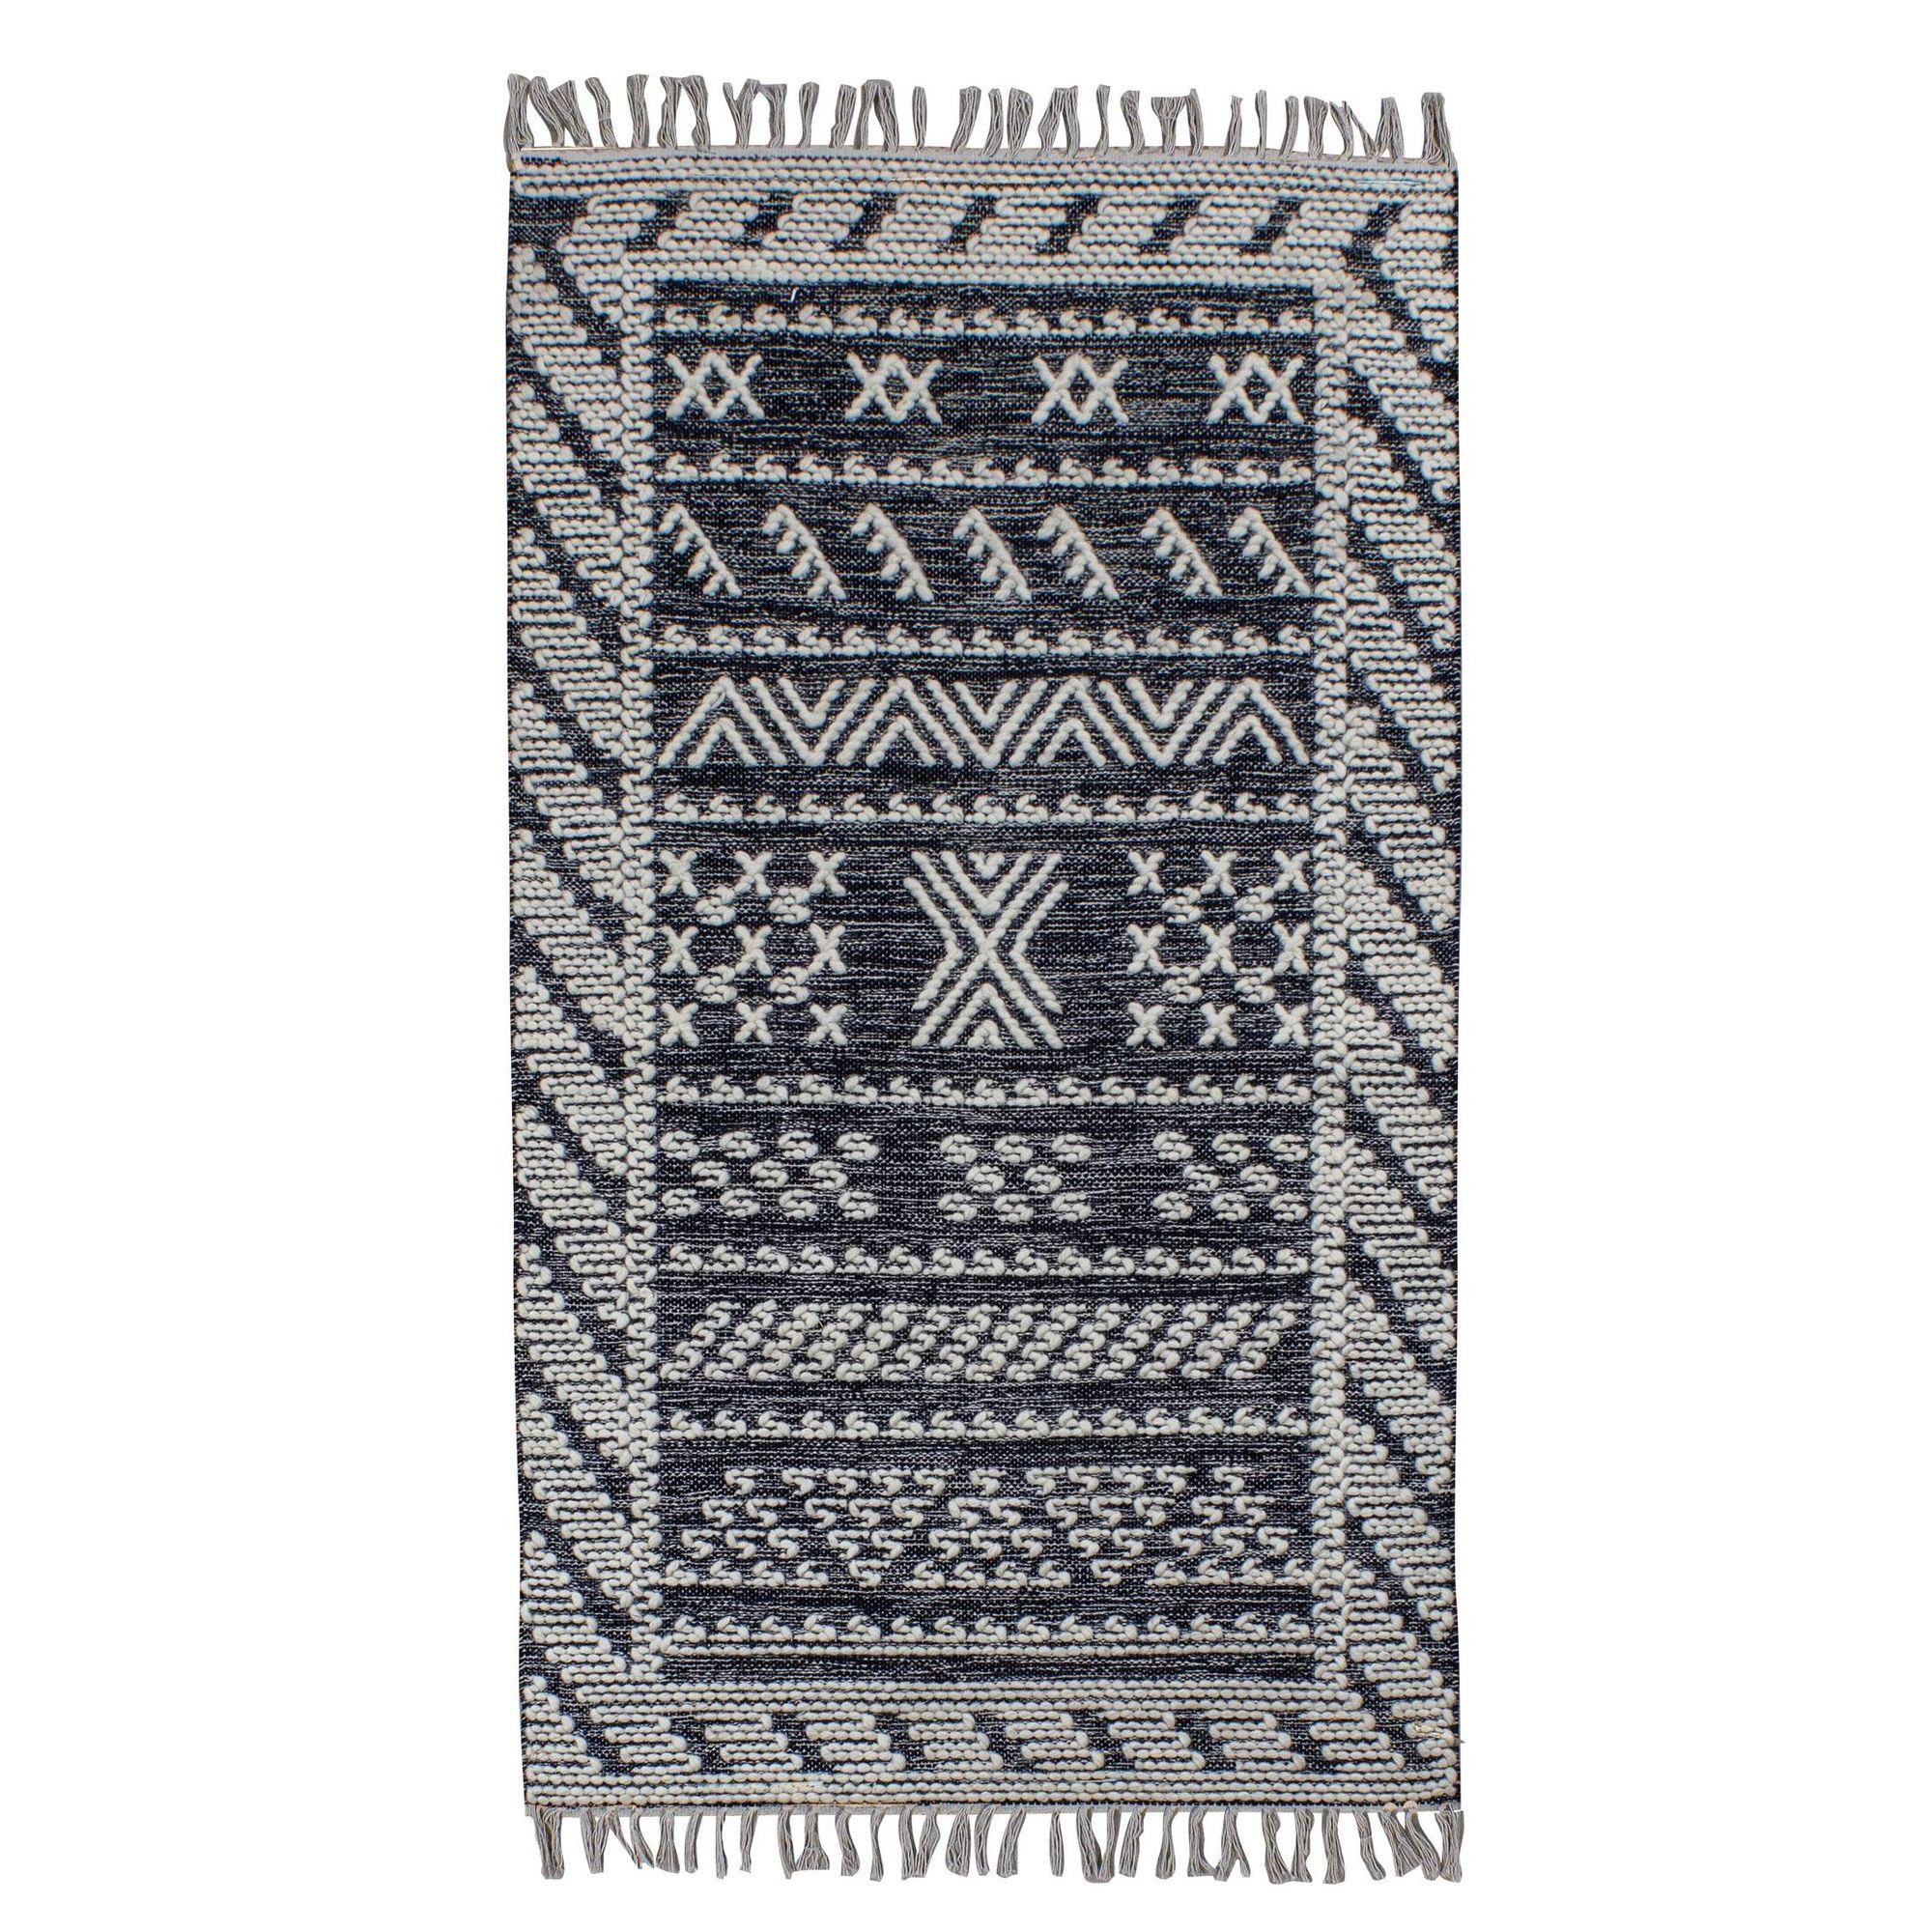 Tapis en laine et coton 90 x 150cm